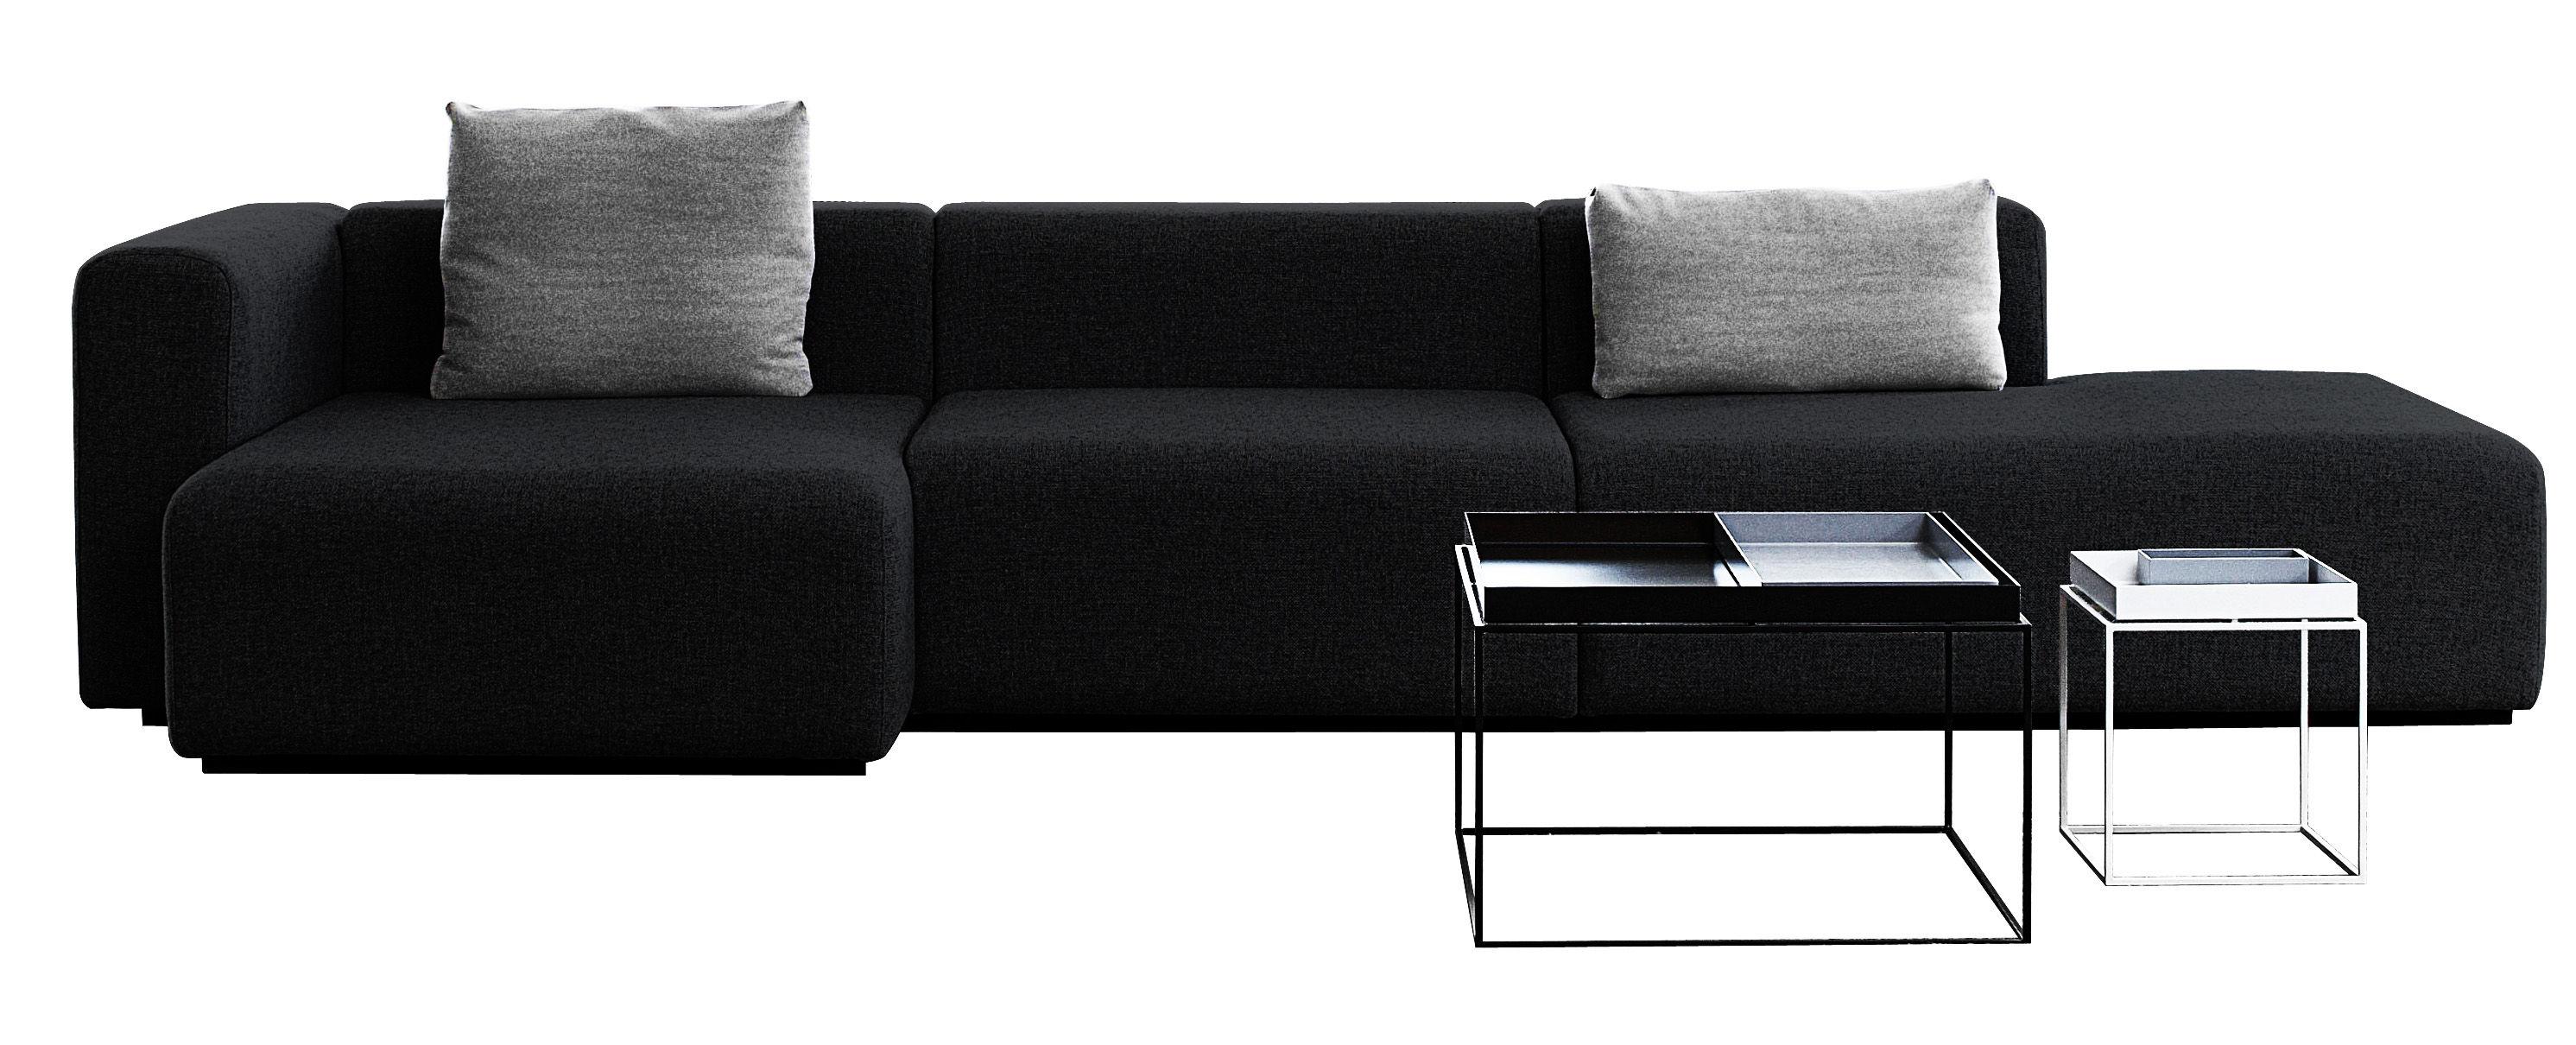 Arredamento - Divani moderni - Divano d'angolo Mags - L 342 cm - Bracciolo destro di Hay - Grigio scuro - Bracciolo destro - Tessuto